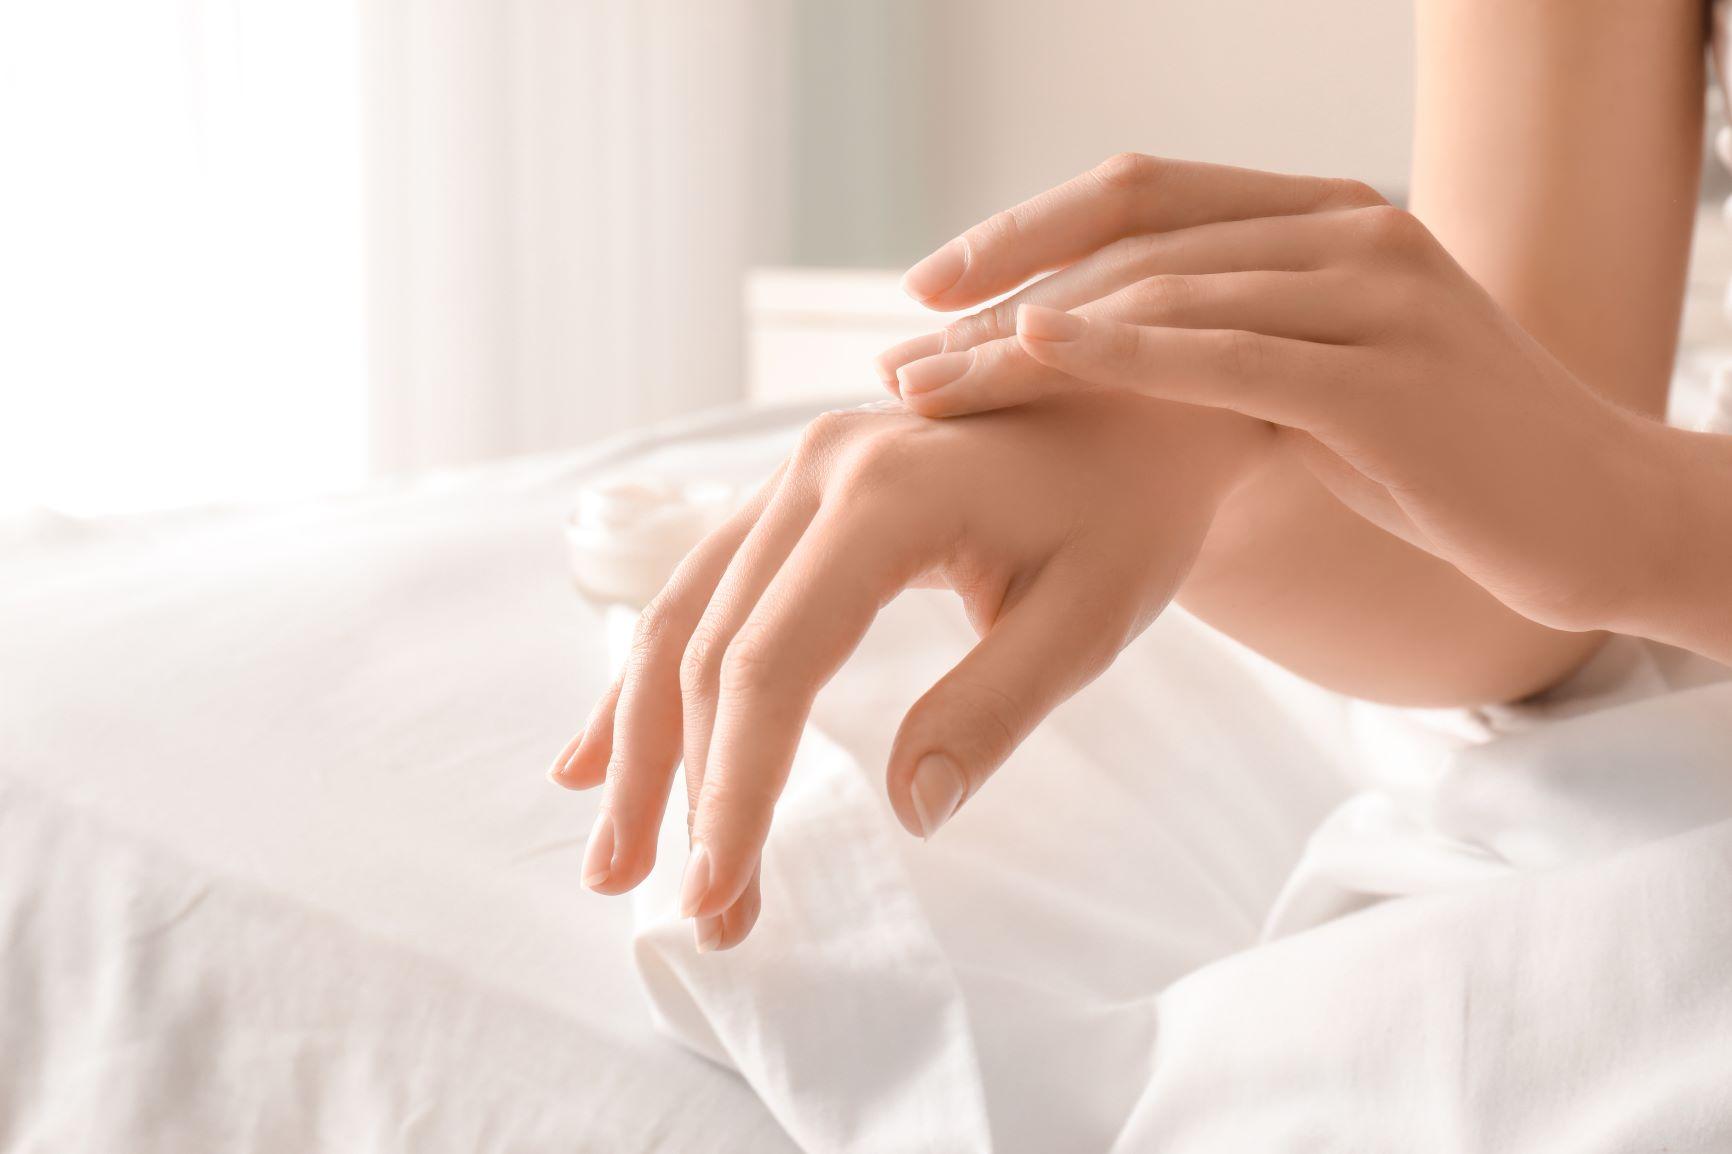 Co způsobuje suchou kůži na rukou?